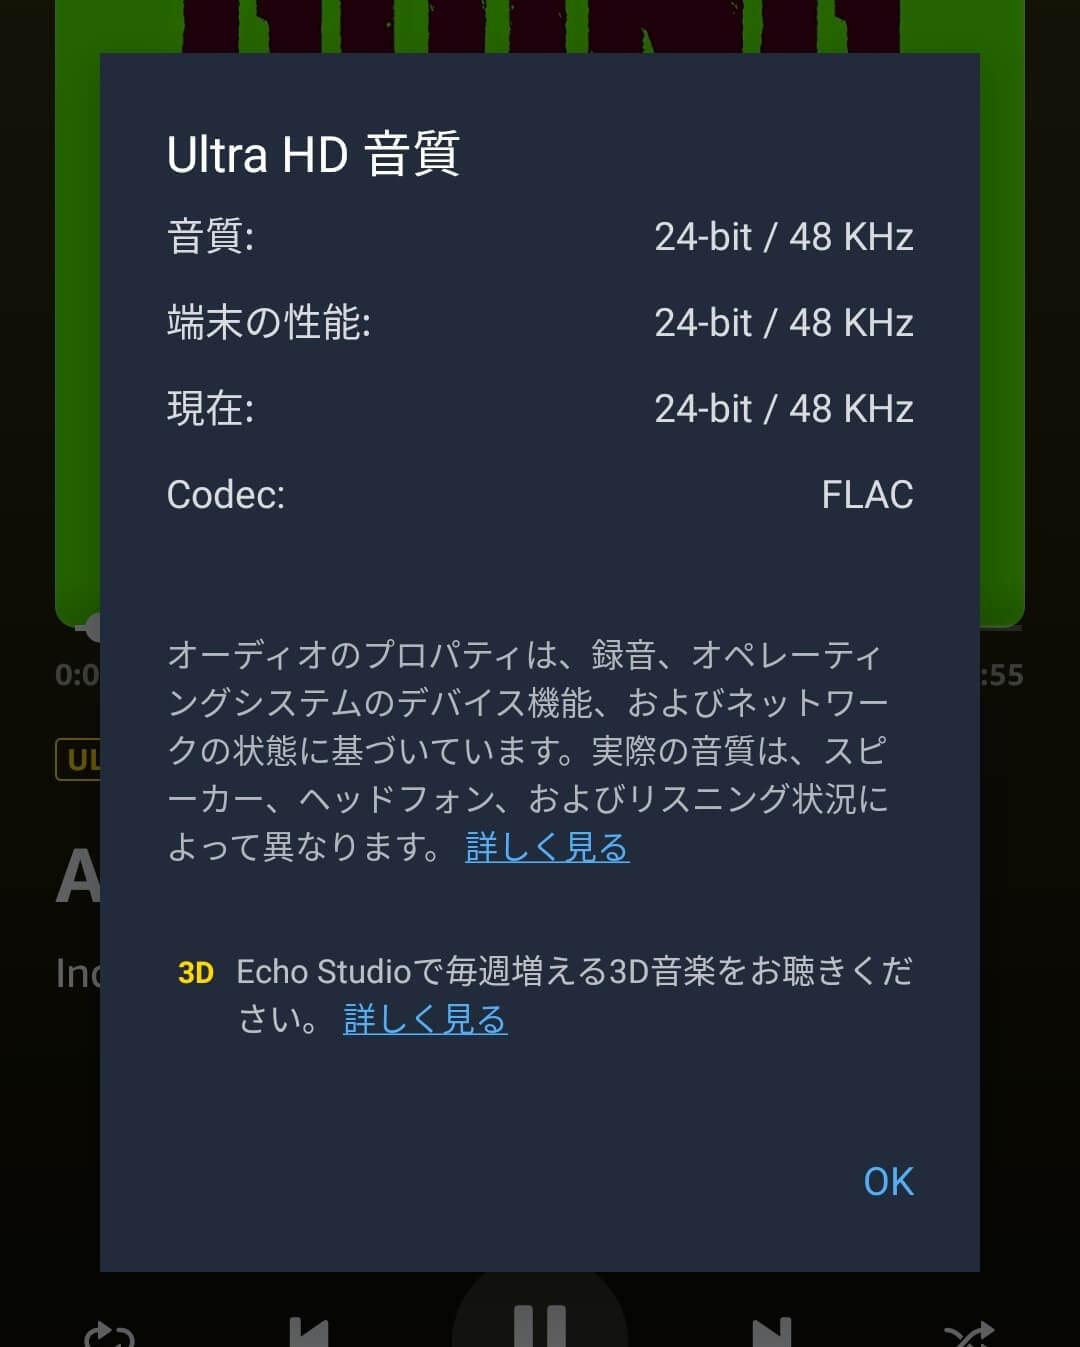 Android端末でAmazon Music HDを利用した時に表示される画像